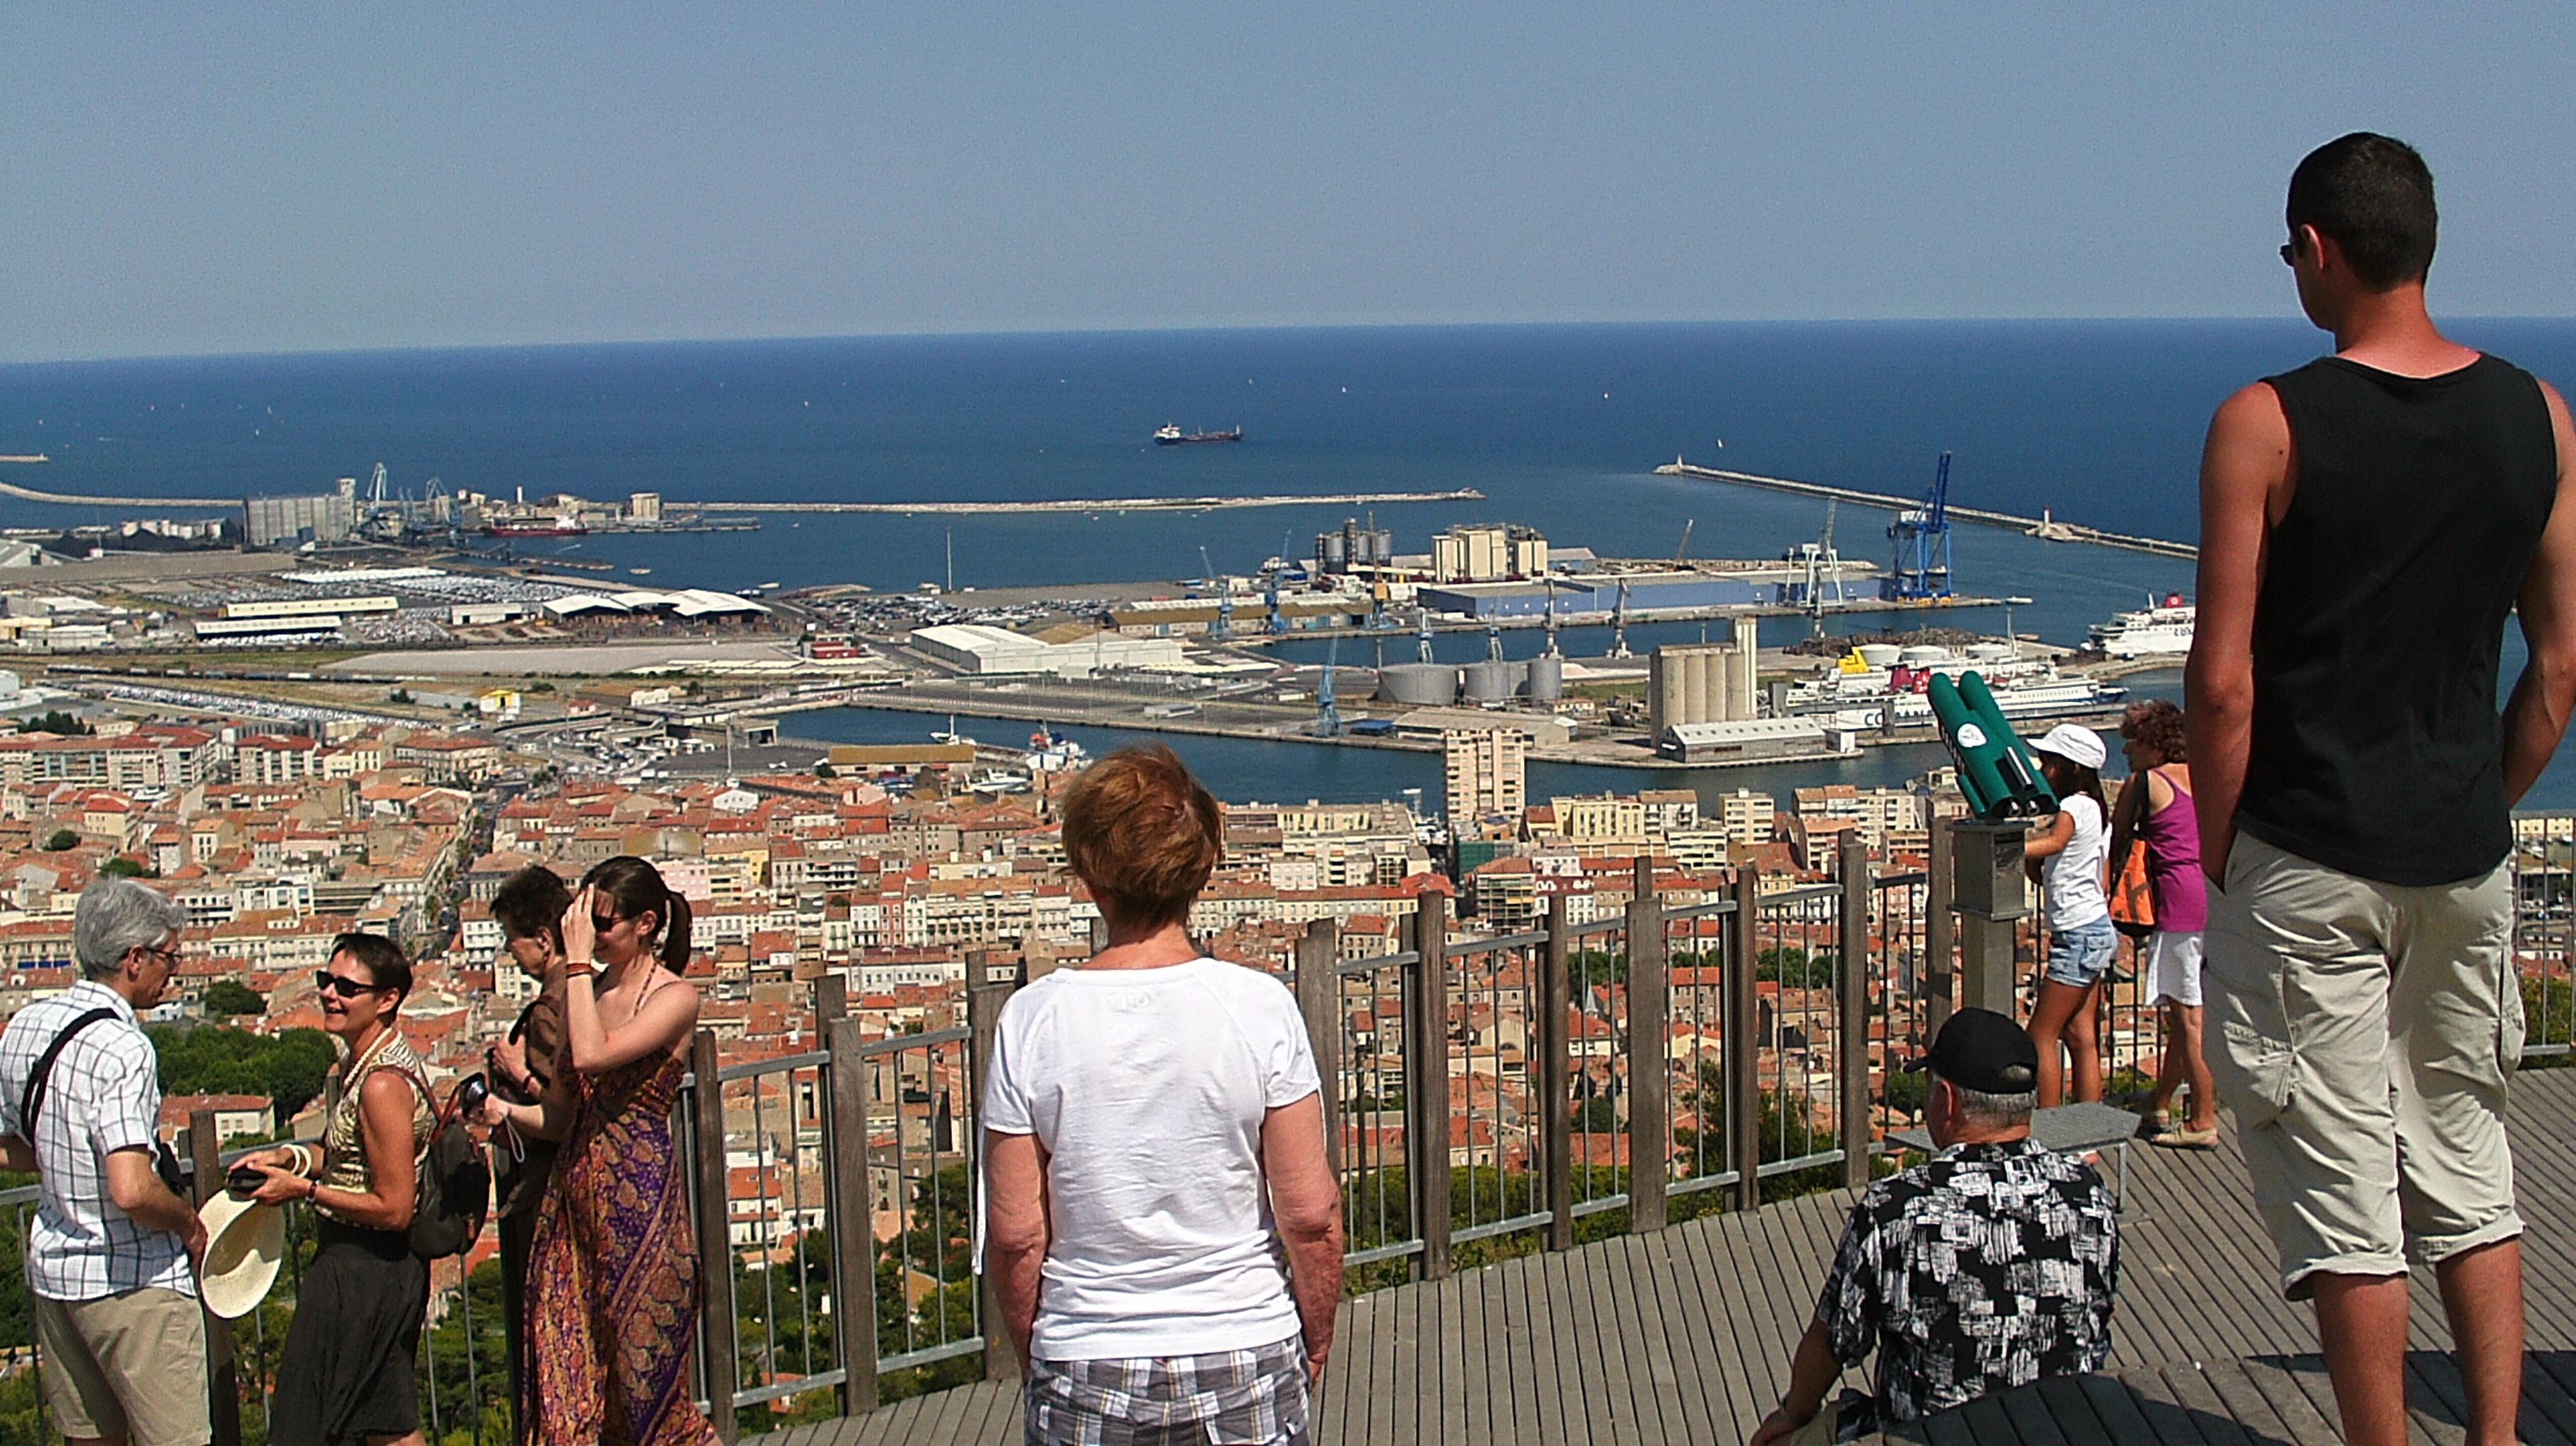 File s te ville de sete 2012 france 42 jpg wikimedia commons - Villes d ile de france ...